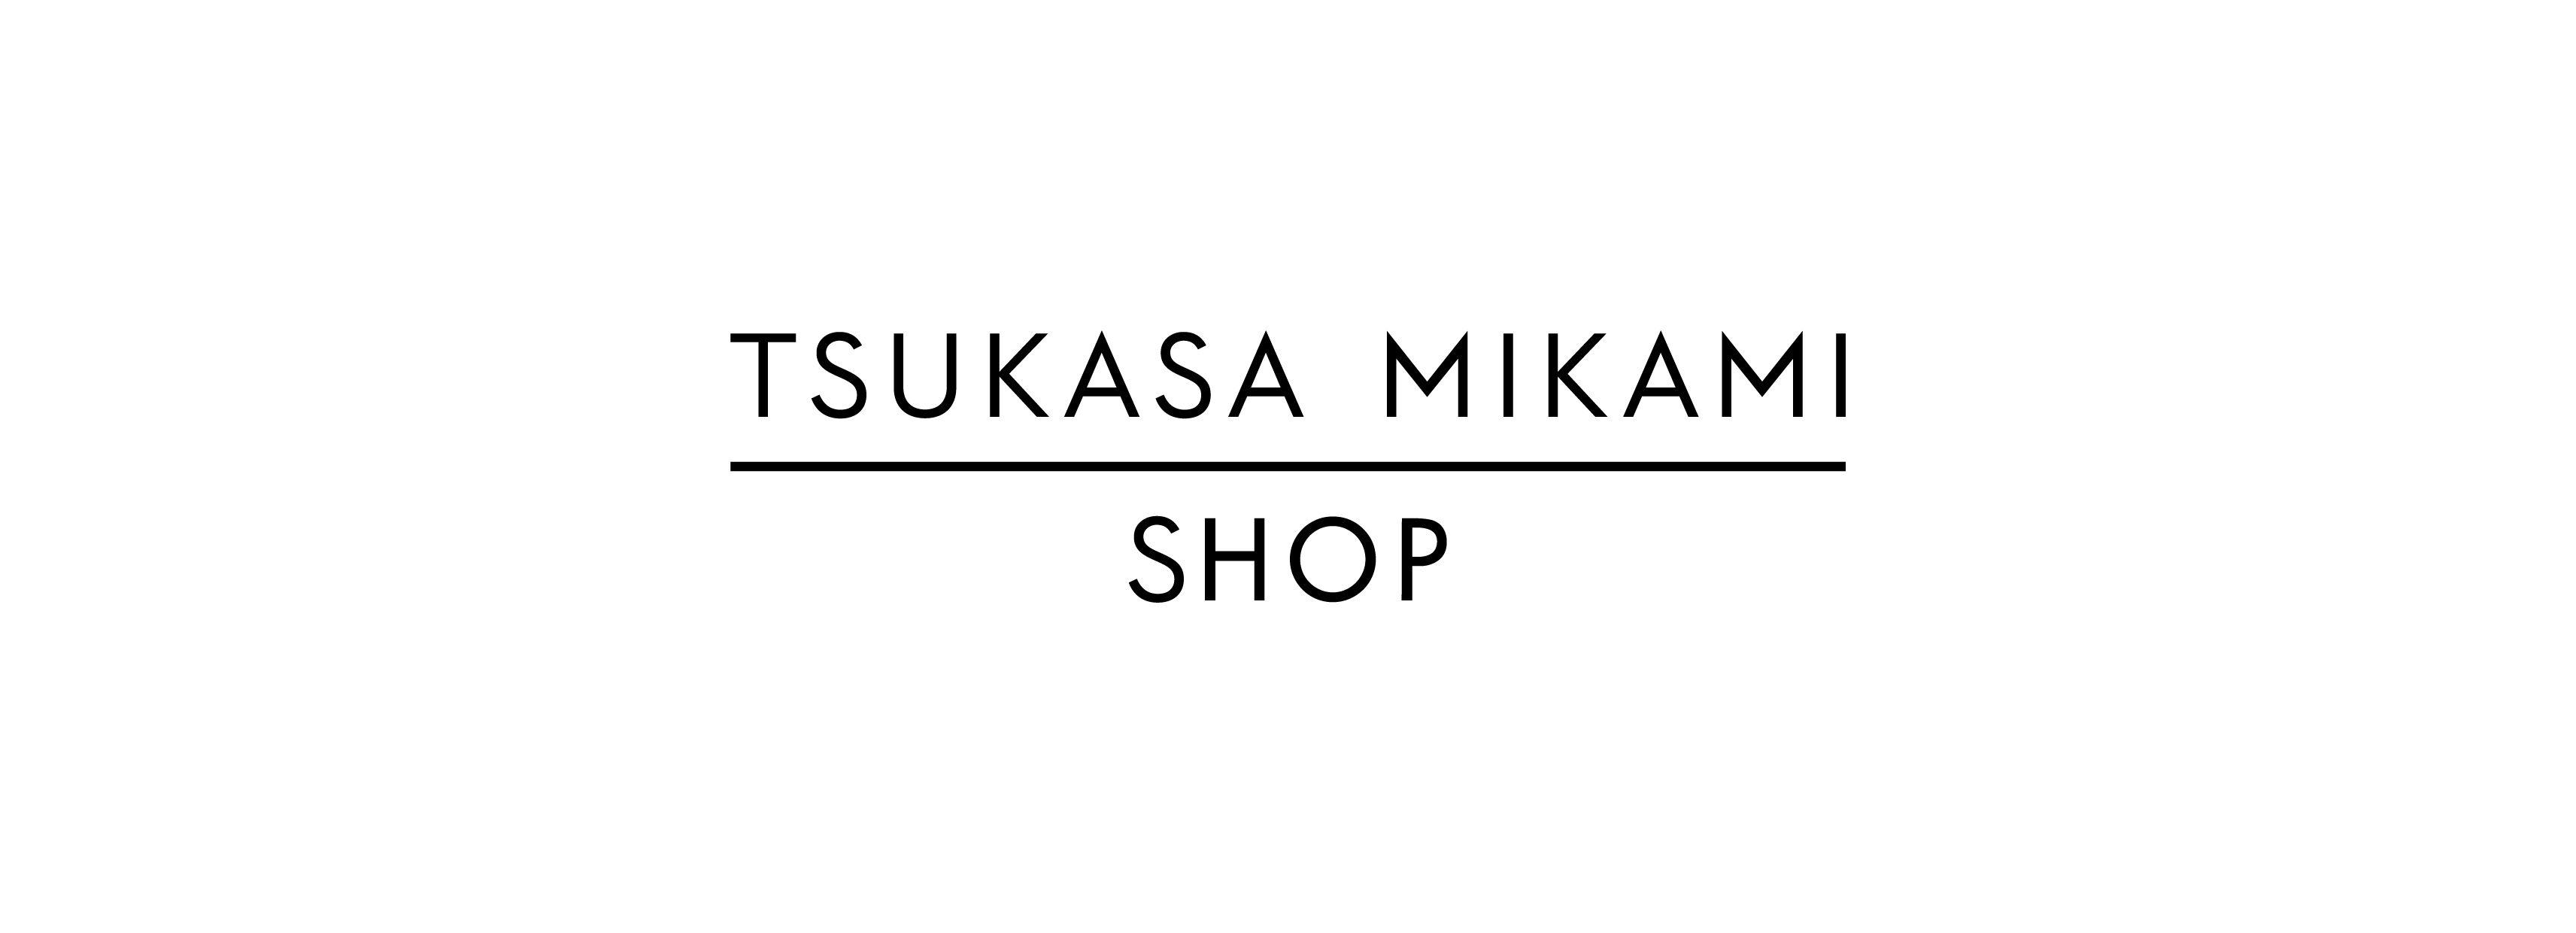 TSUKASA MIKAMI